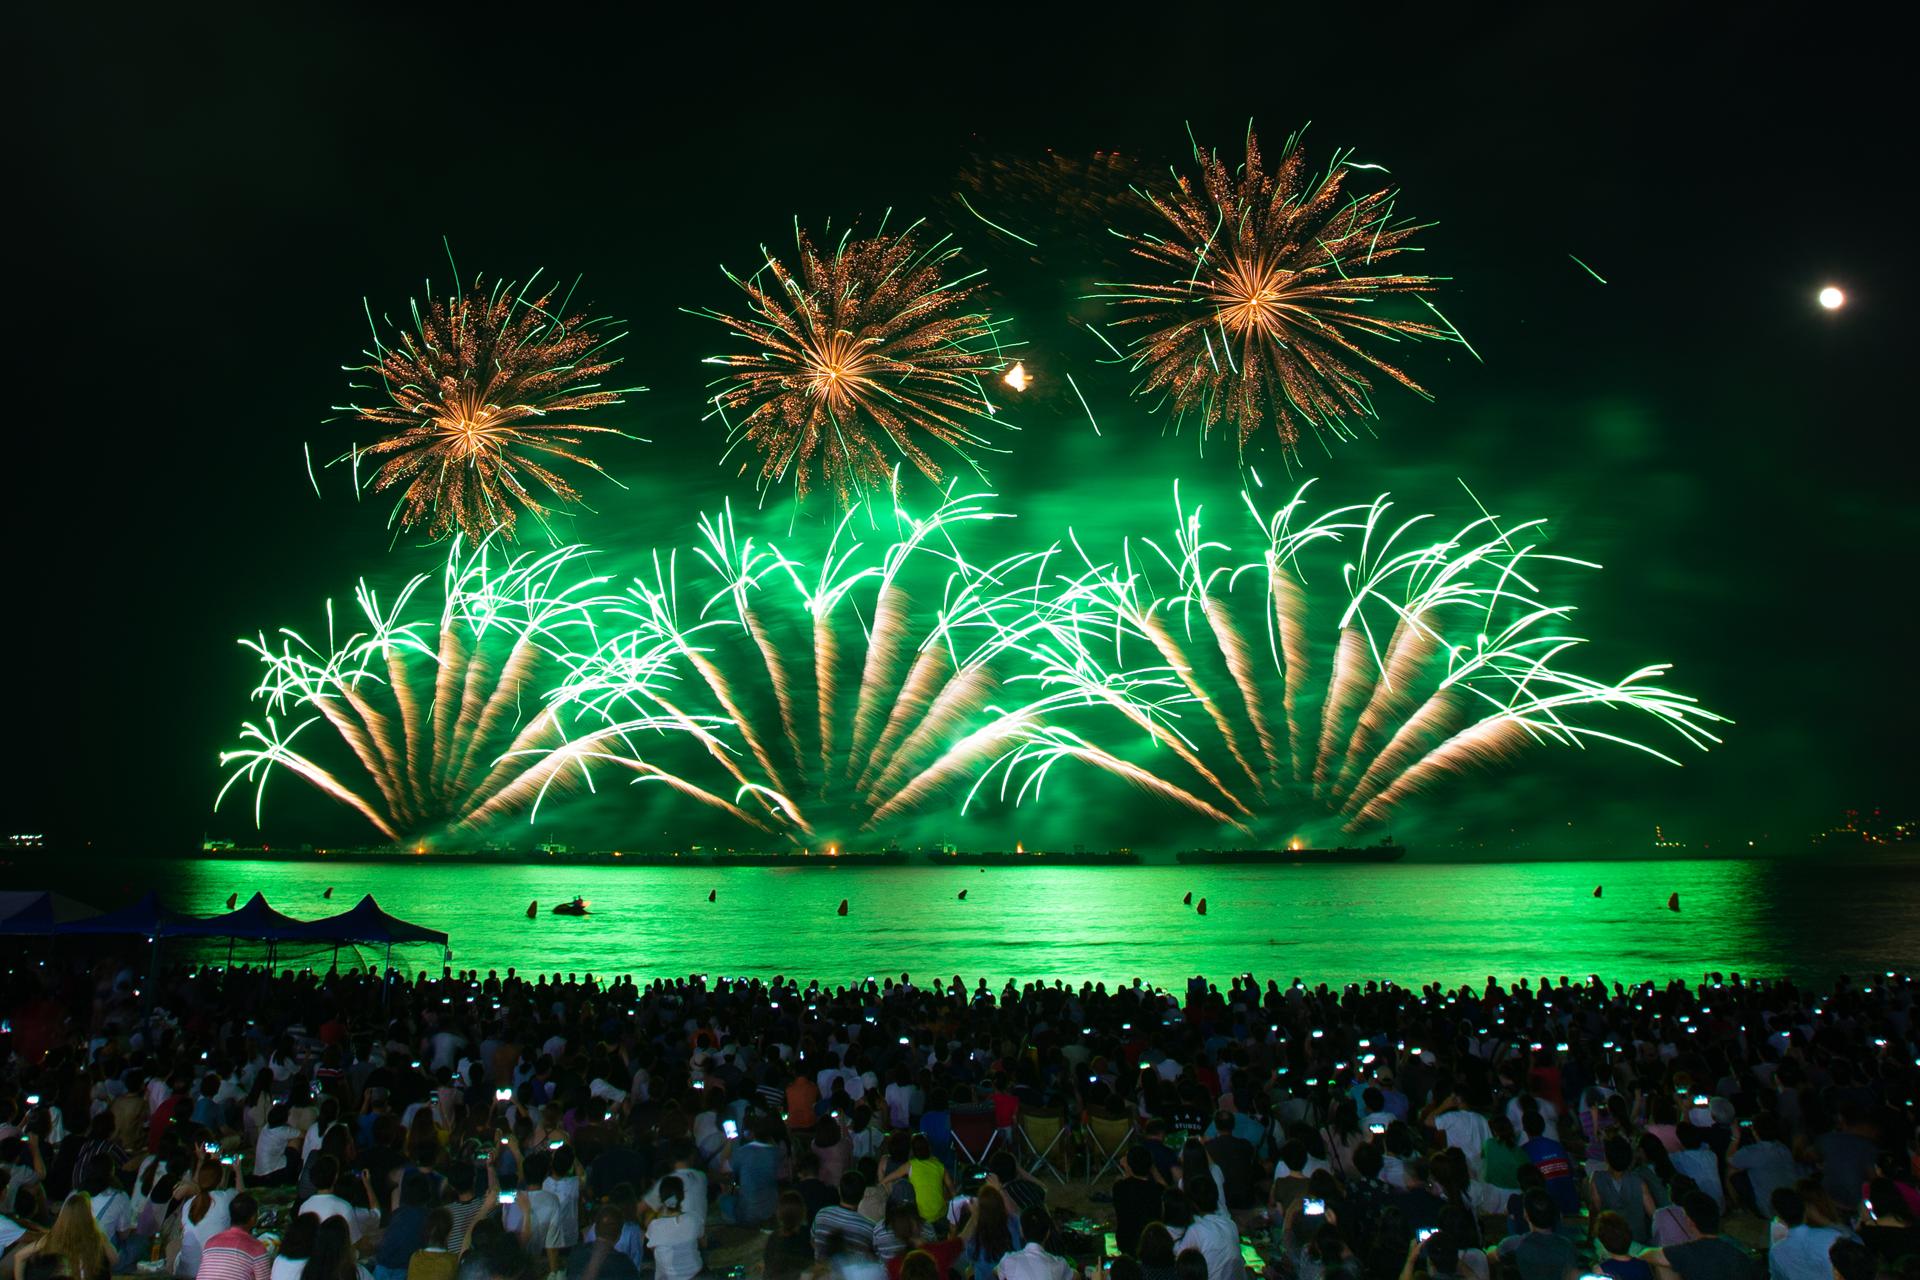 불꽃쇼 한국한화 원 모양의 볼꽃 세 개 아래 부채꼴 모양의 불꽃 세 개가 하늘에 수놓여있다. 수많은 시민들이 불꽃을 구경하고 있다.